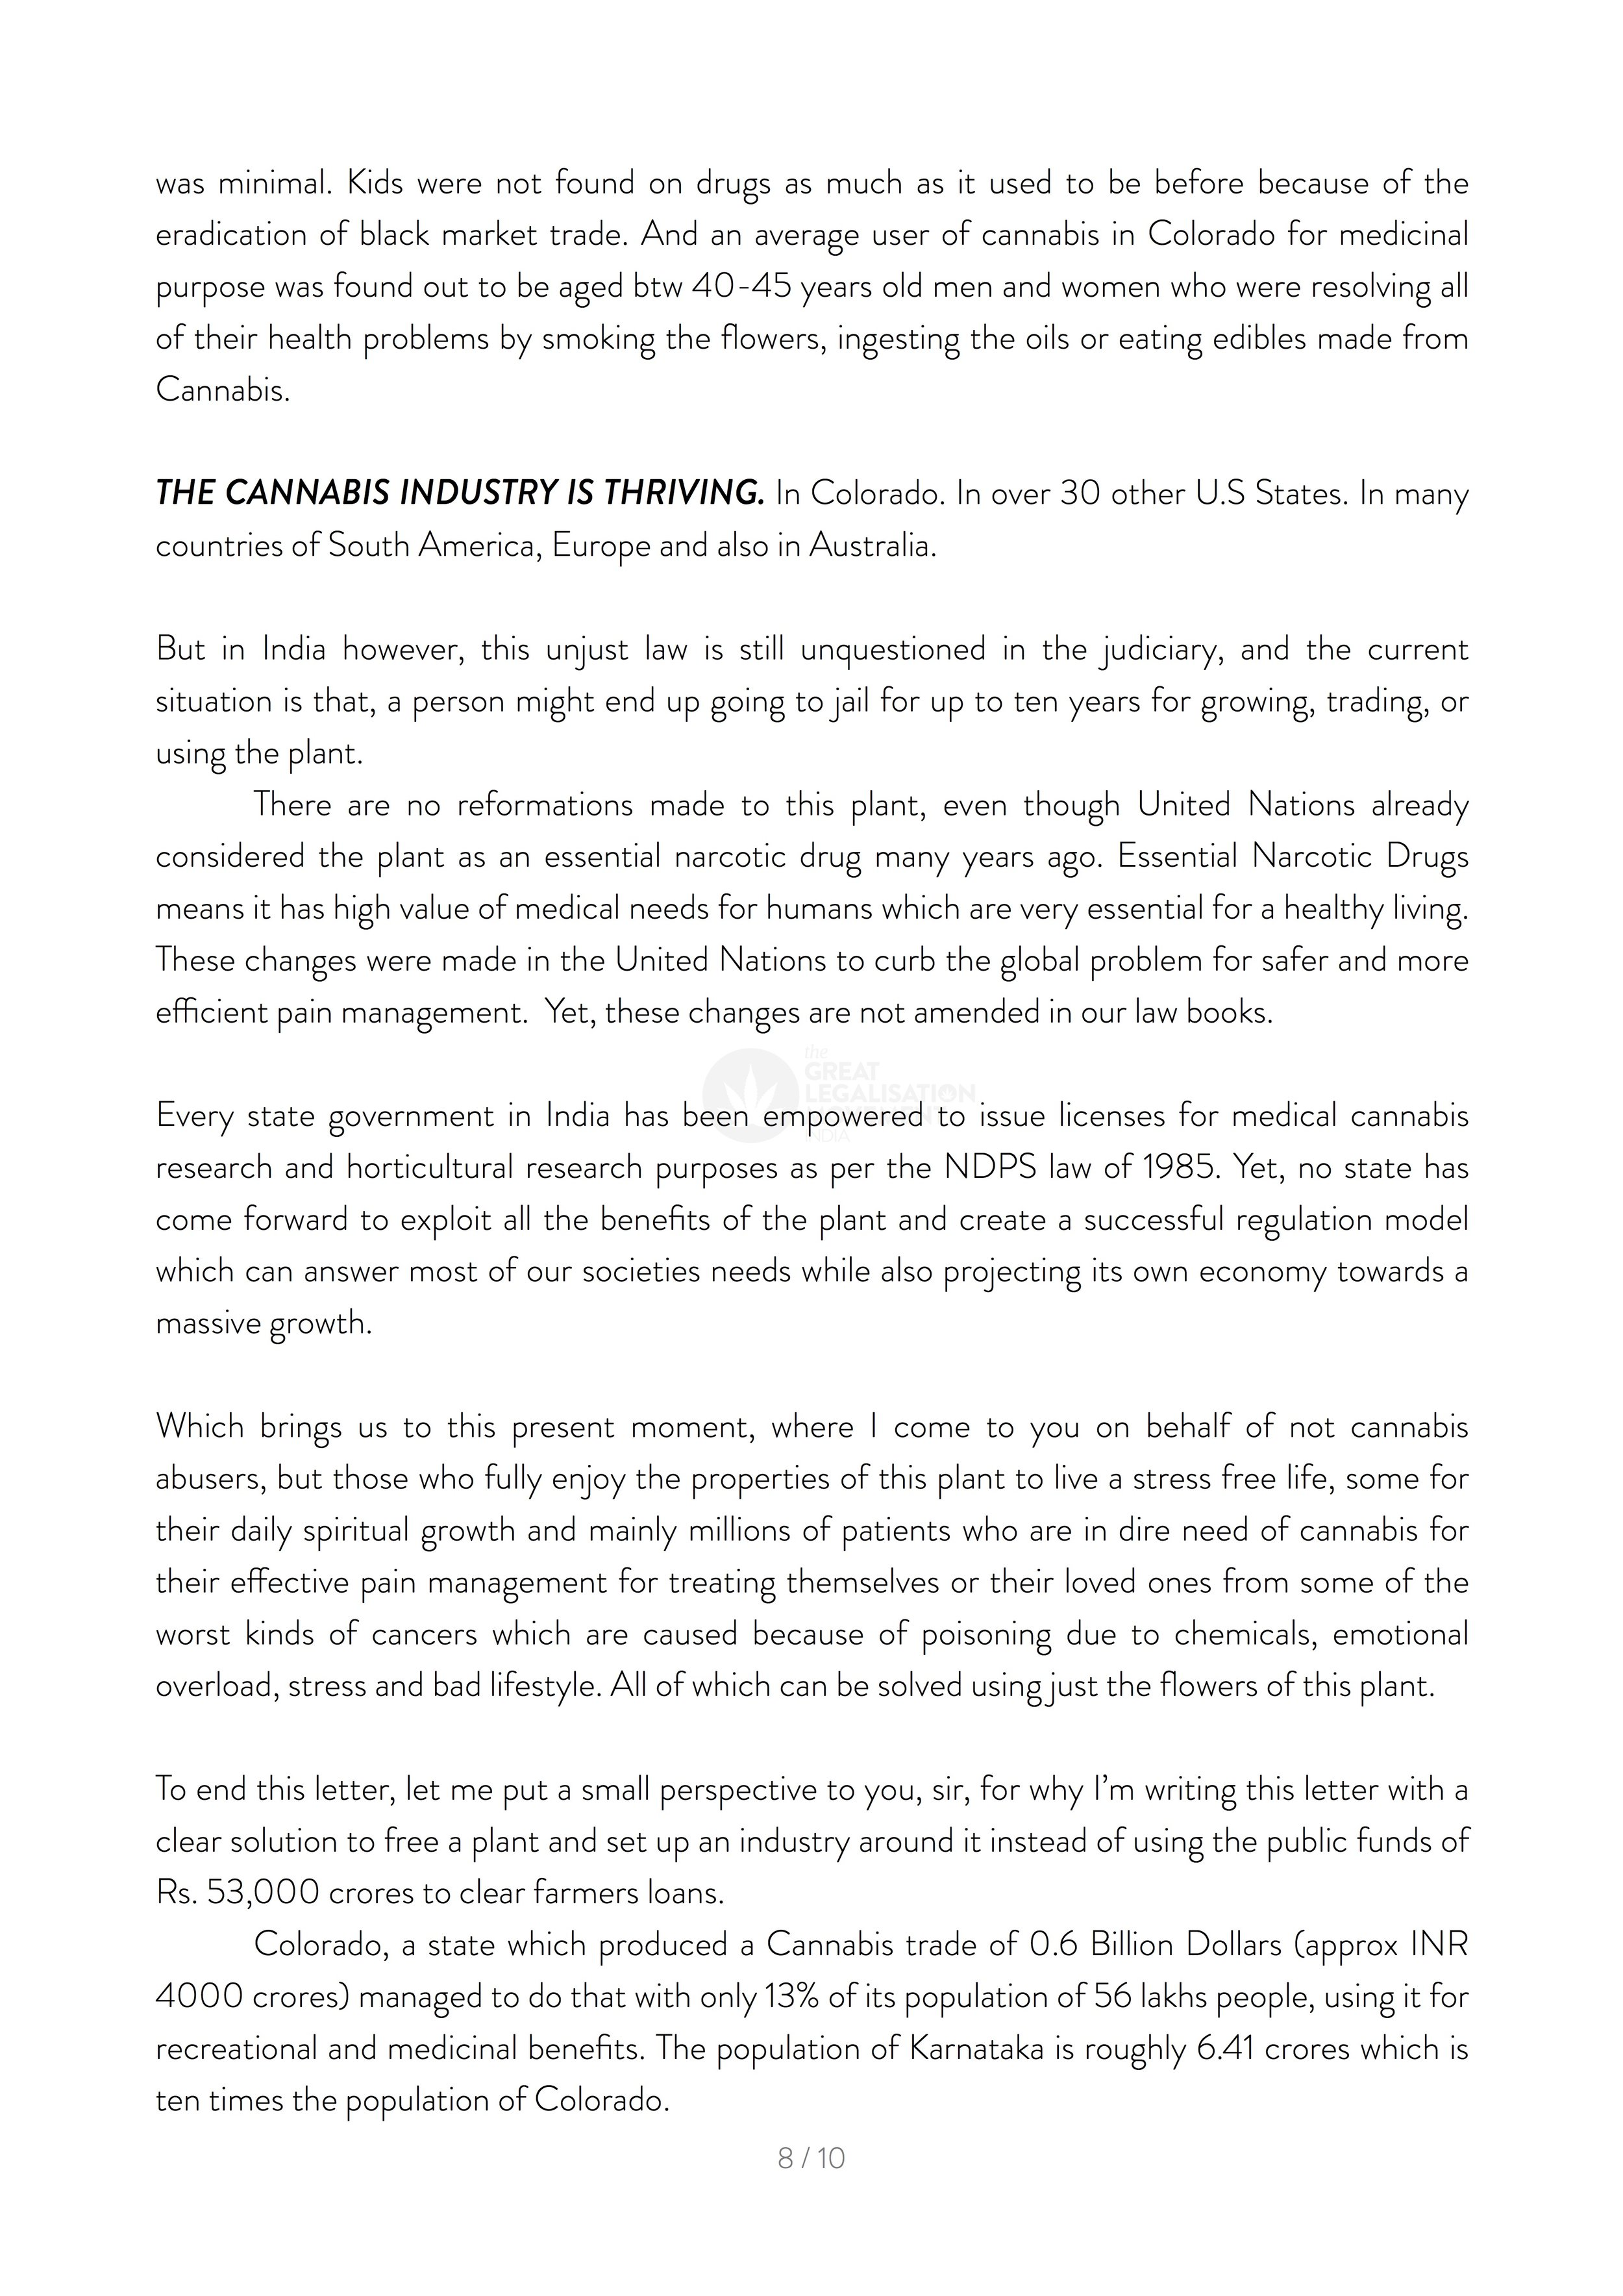 Letter to Kumaraswamy 7_8.jpg